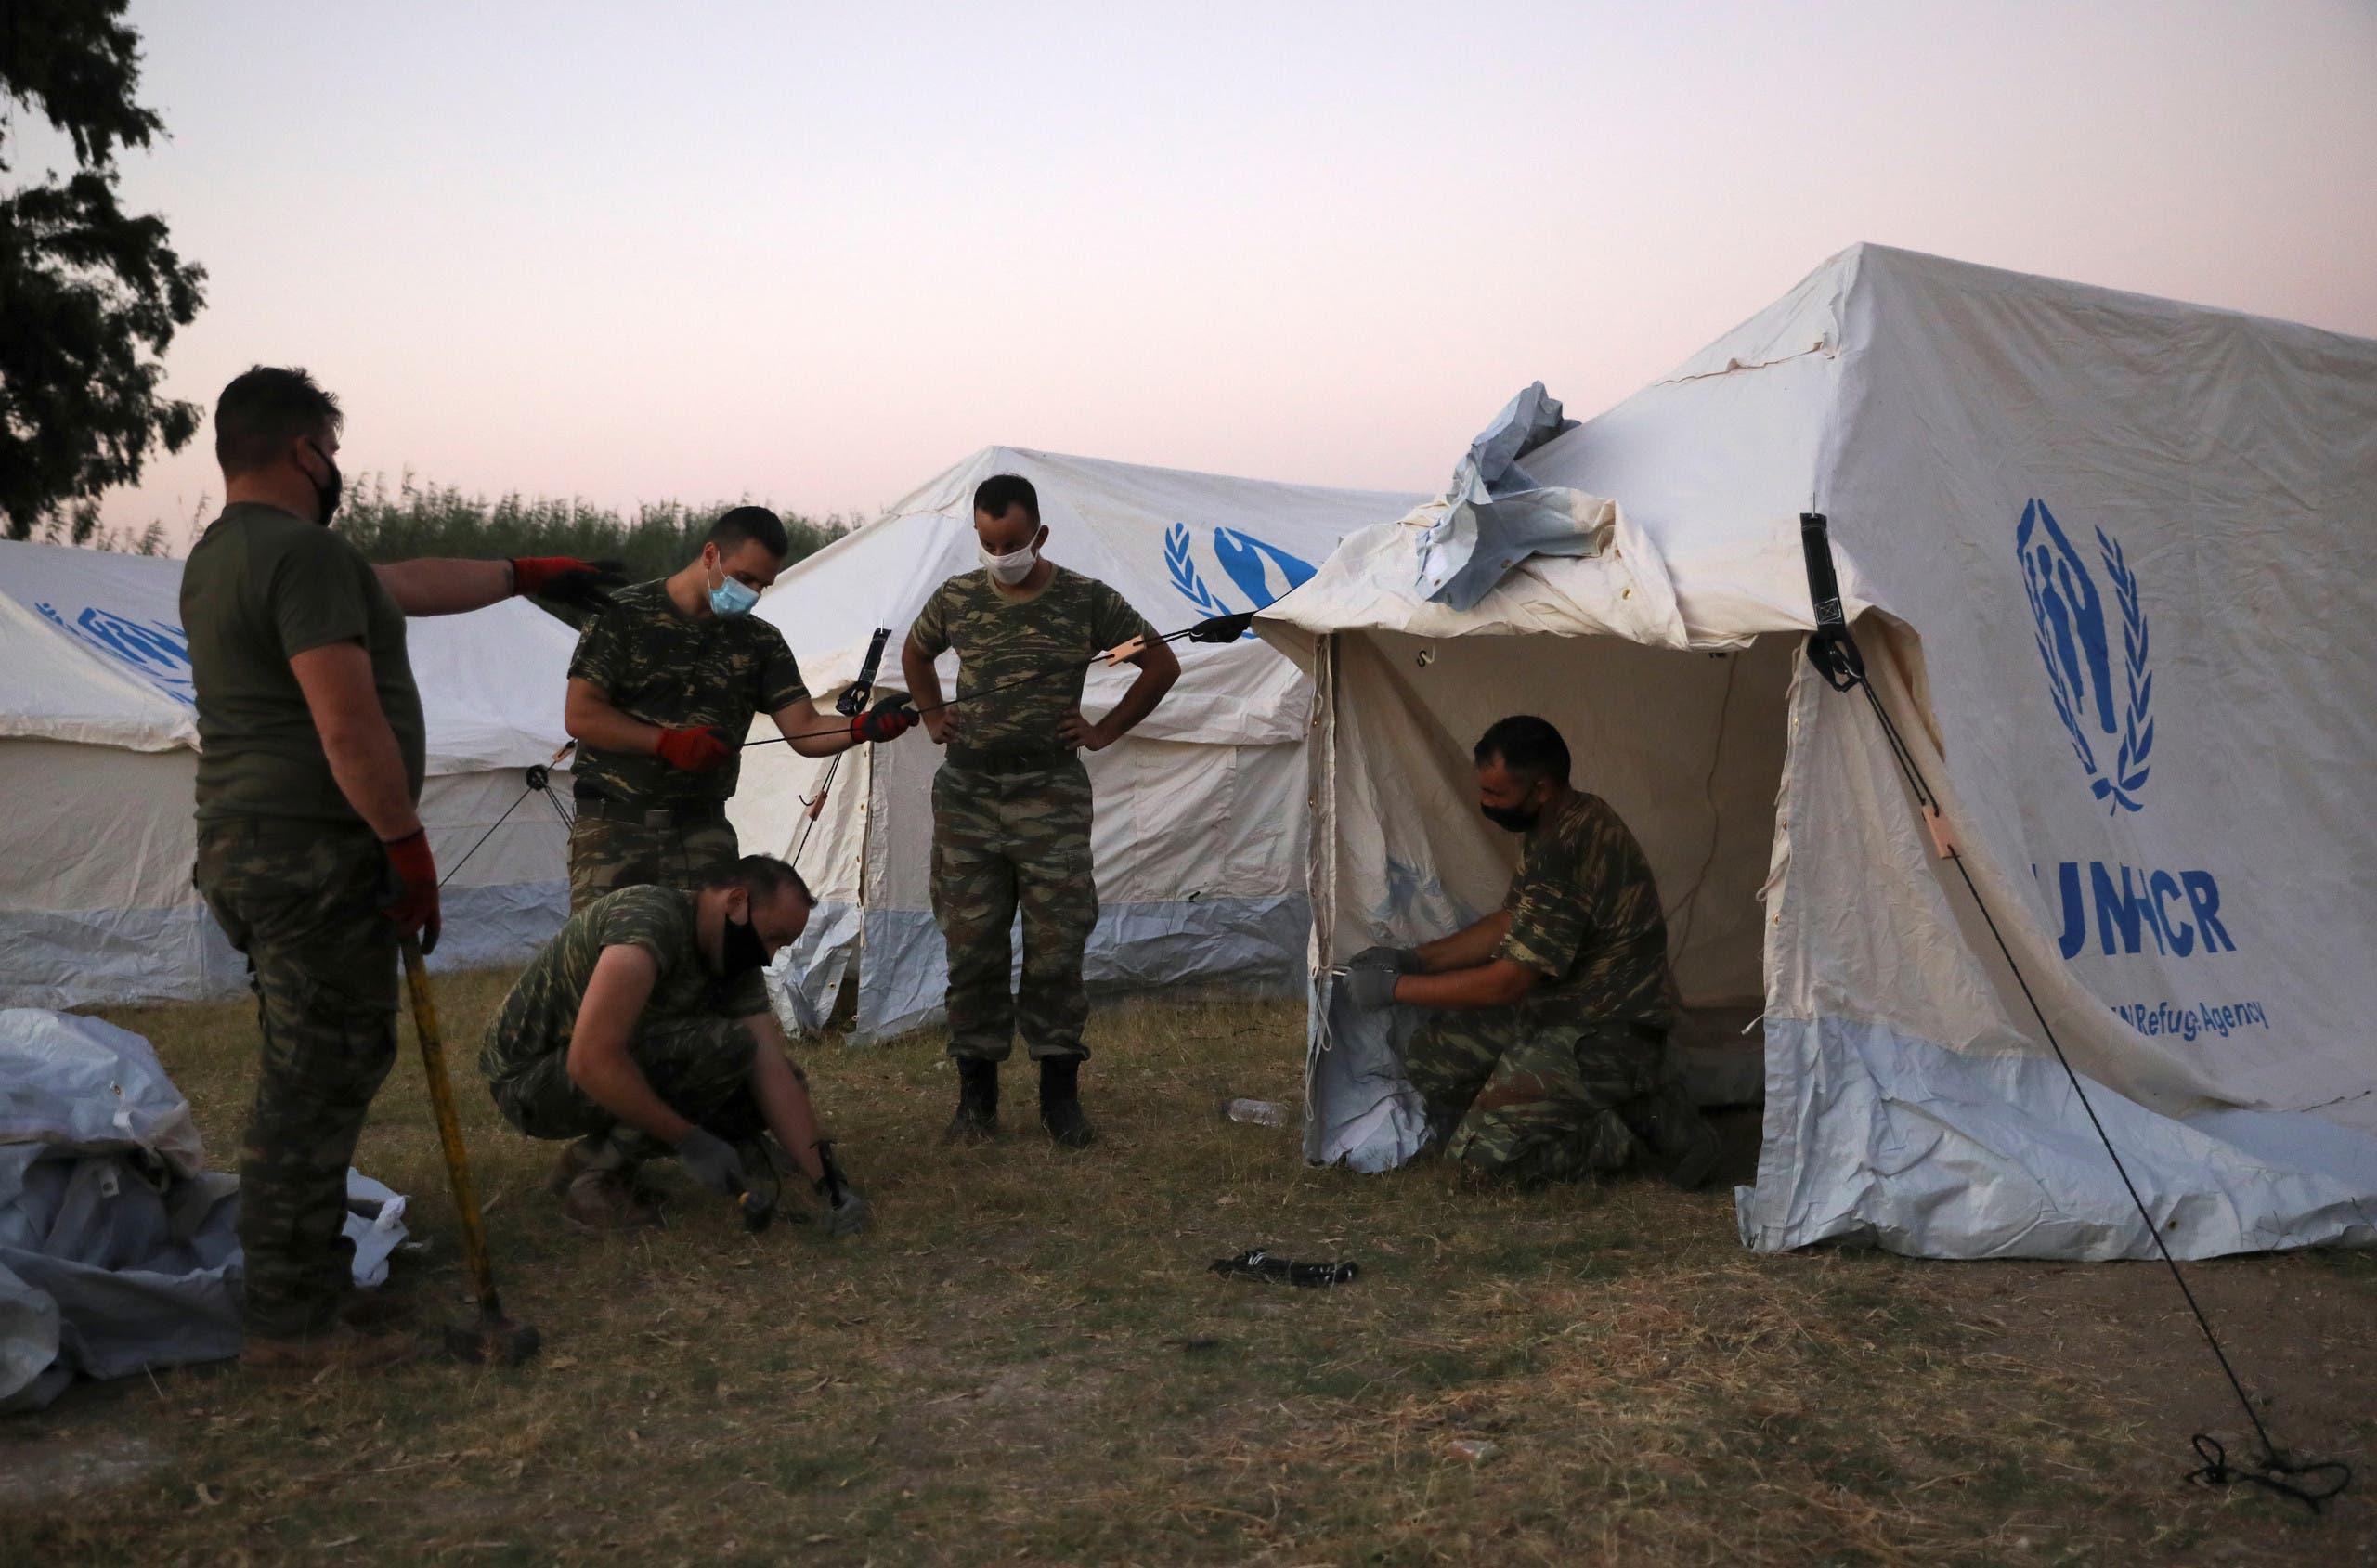 الجيش اليوناني نصب بعض الخيم لللاجئين